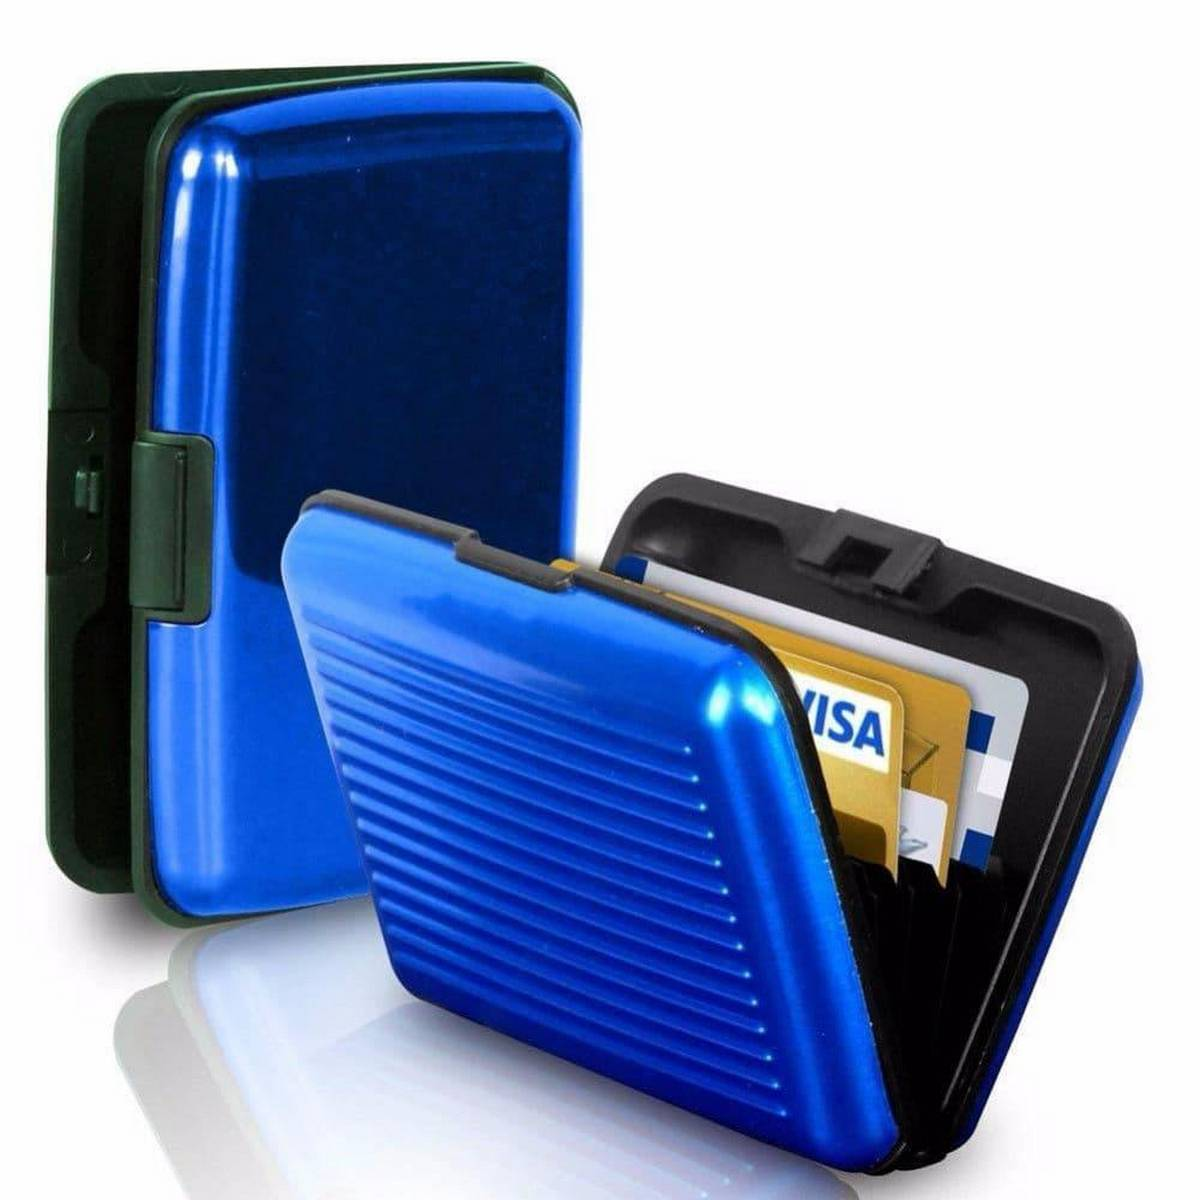 Aluma wallet for men Buy Aluma Wallet Online Card Holder Ultra Slim Aluma Wallet for Women Wallet for Men Wallet in Pakistan